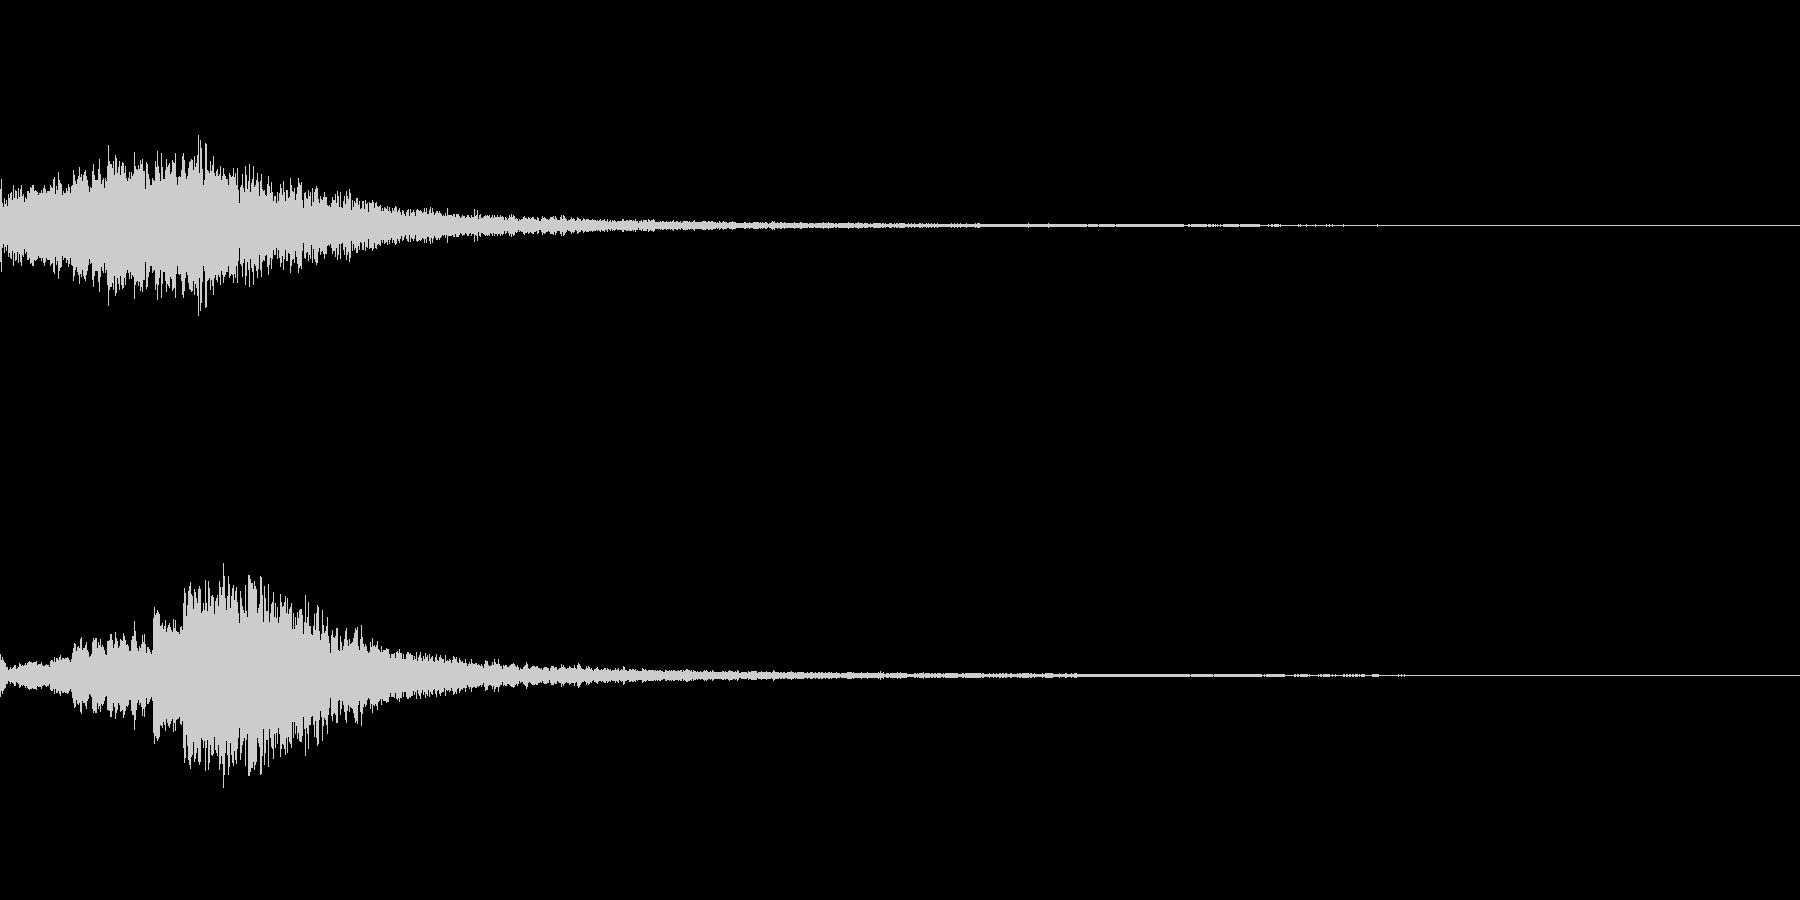 「キラリン (流れ星風の音)」の未再生の波形